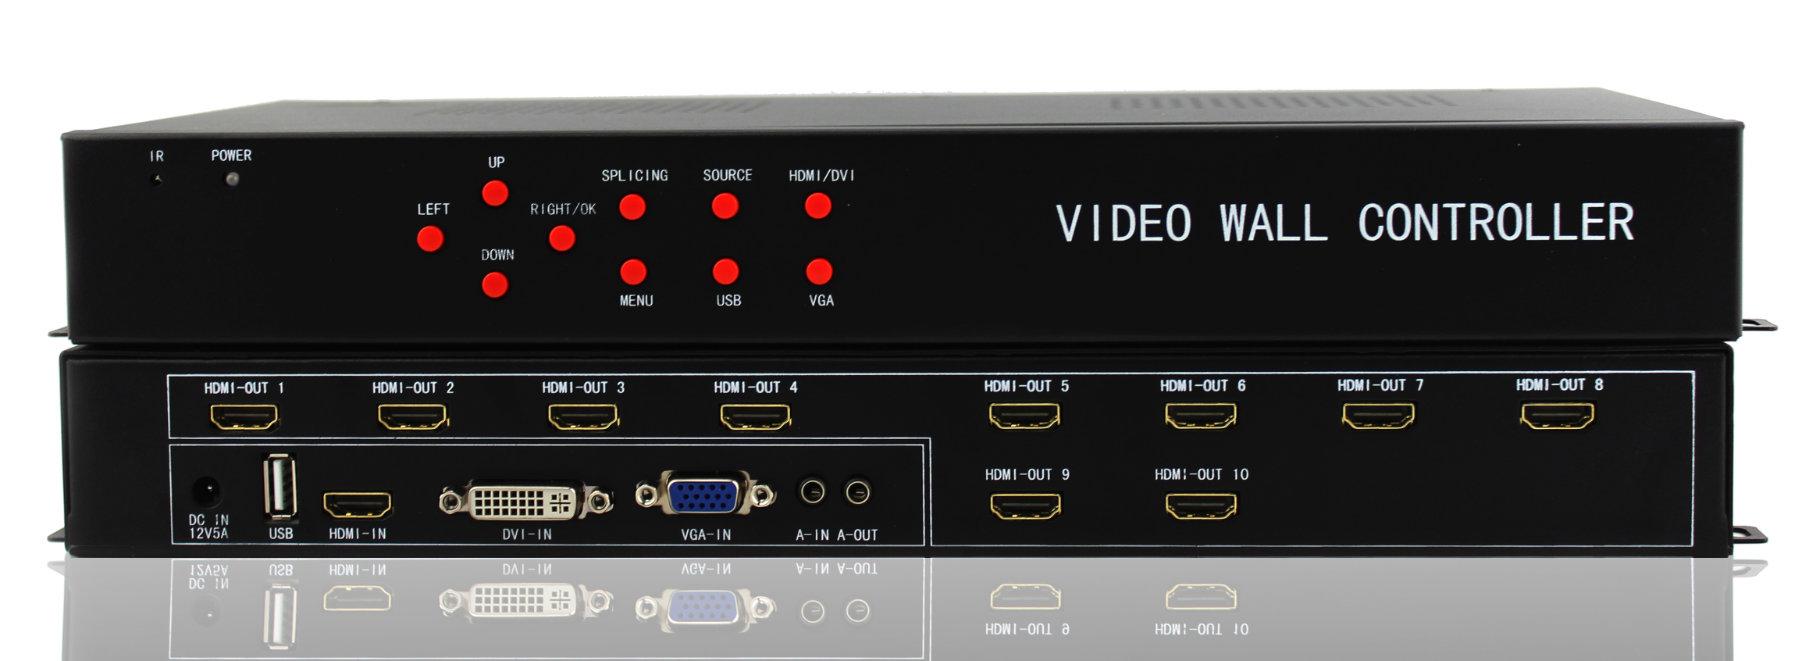 Artikelfoto FineVideo VideoWall Matrix FV1x10 mit 10 HDMI Ausgängen